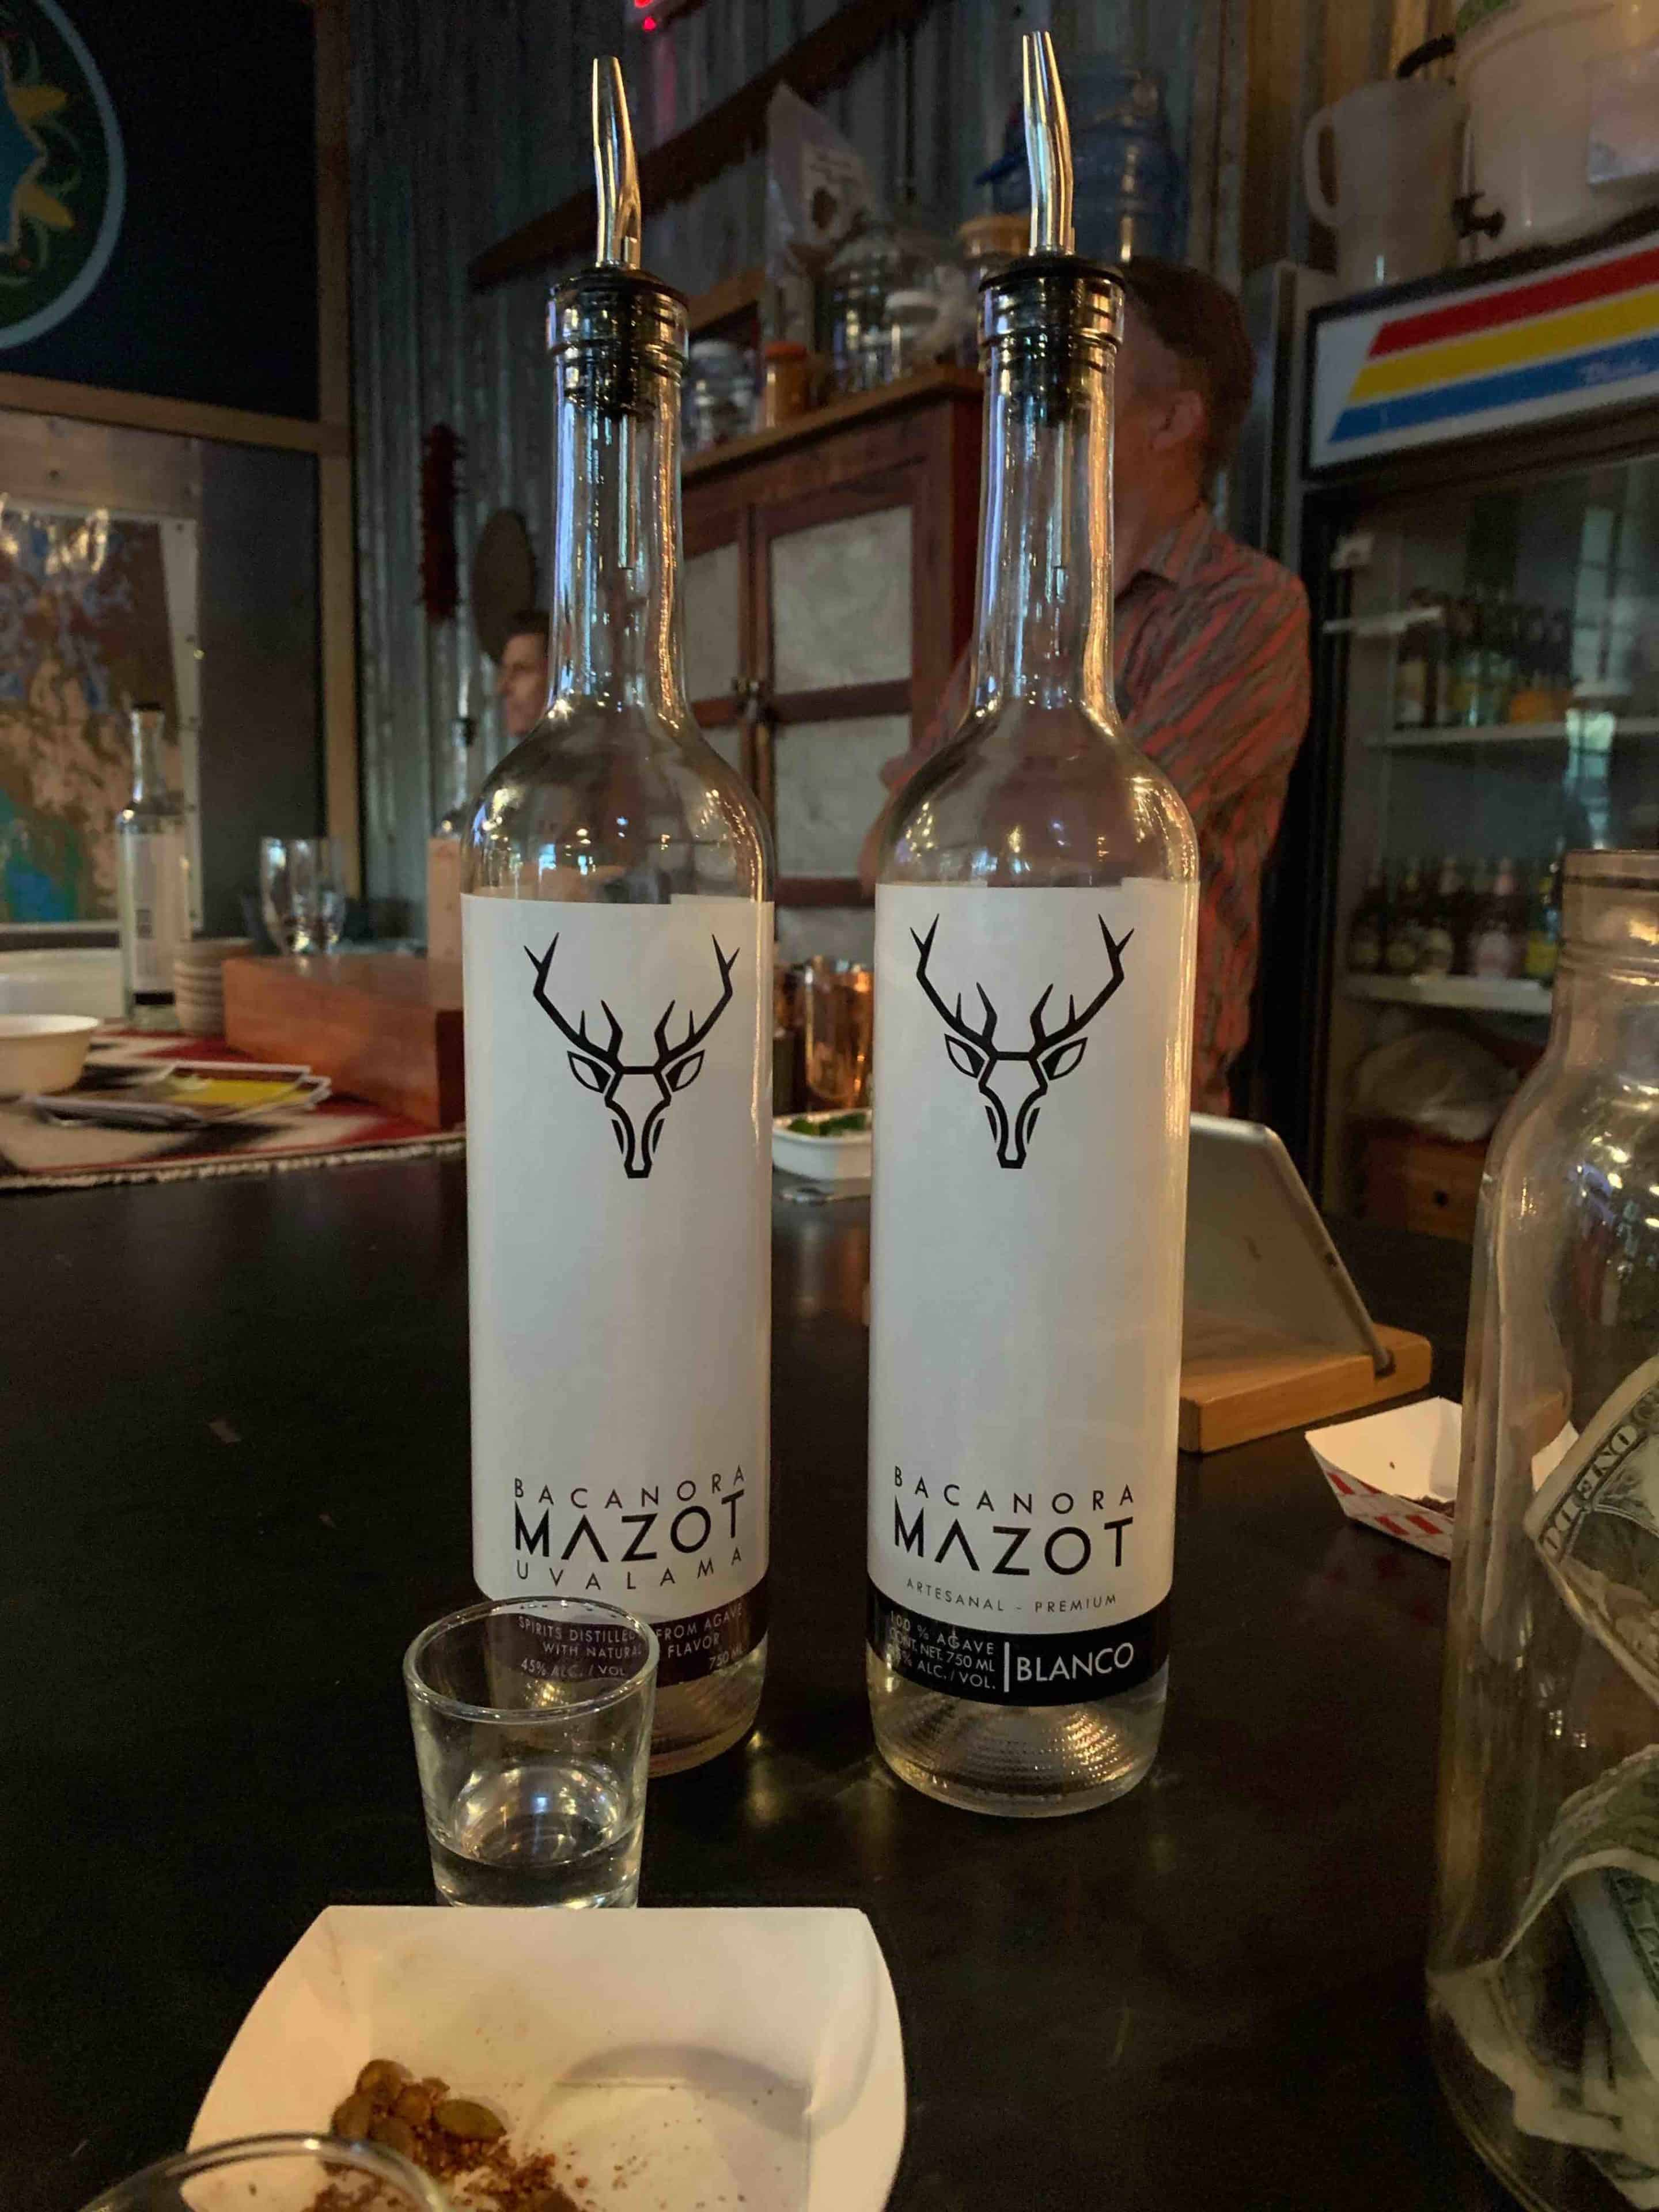 Bacanora Mazot